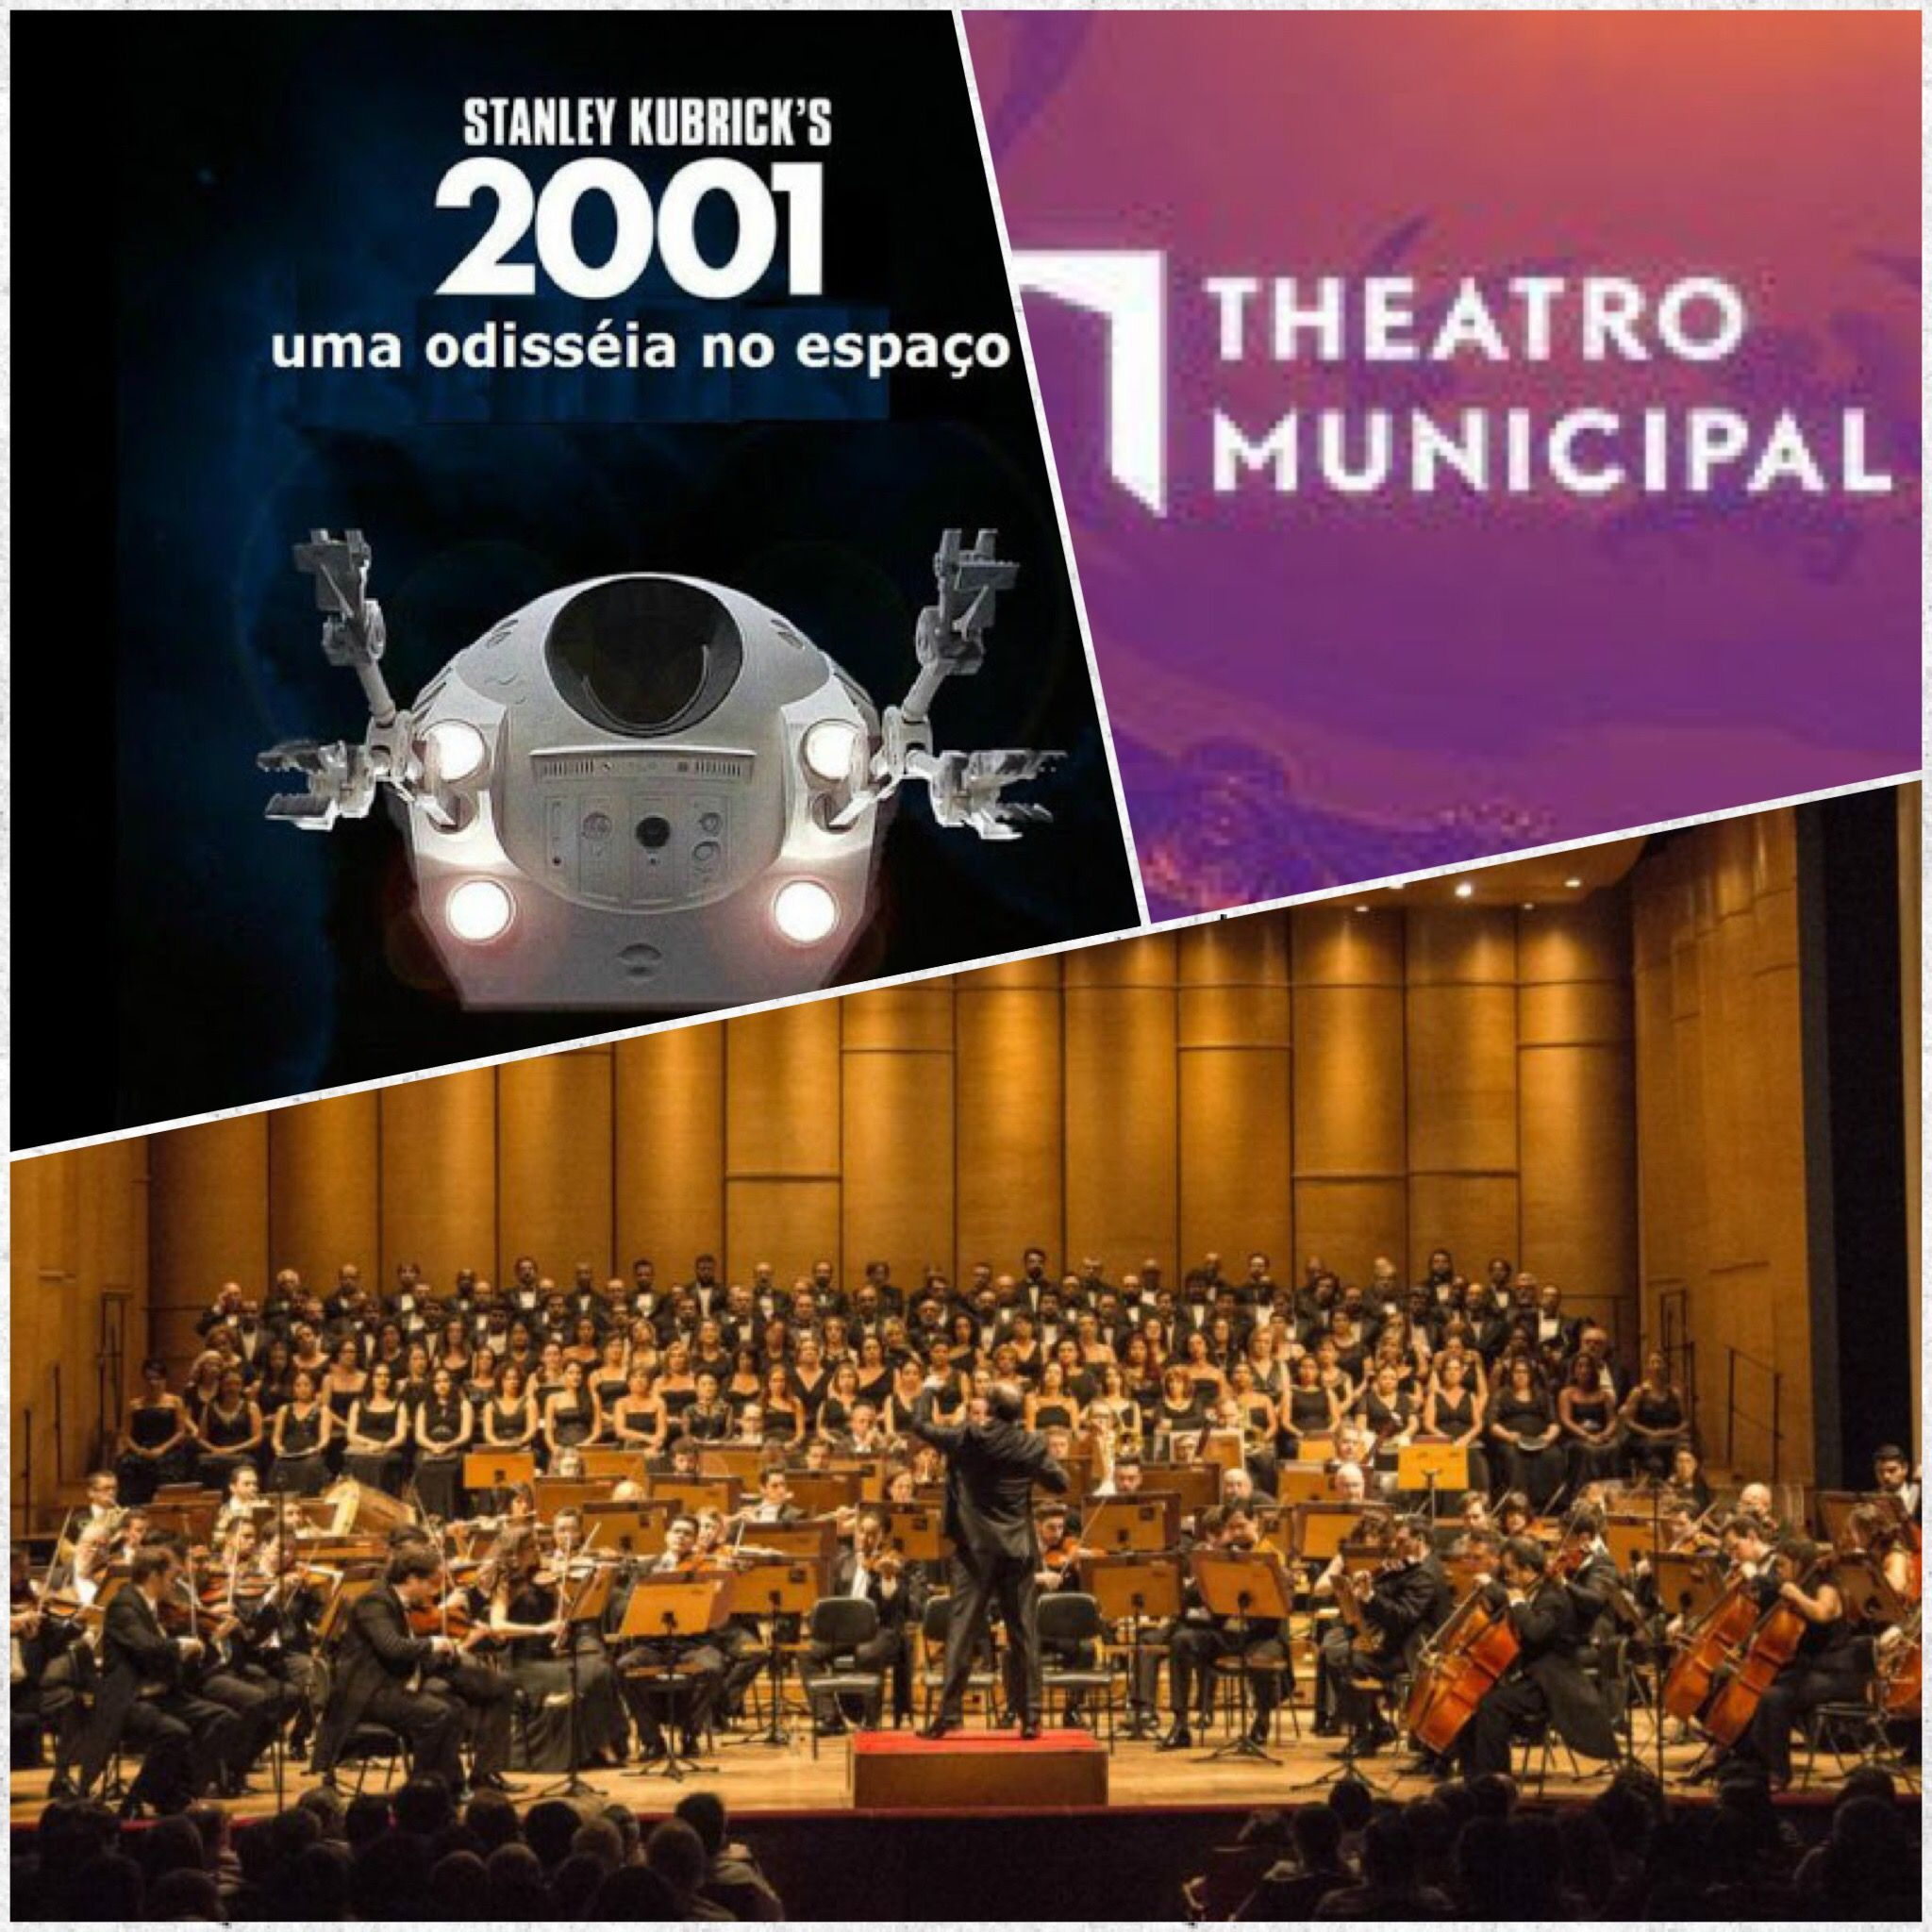 """Orquestra Sinfonica Municipal  - """"2001 Uma Odisseia no Espaço"""" - Teatro Municipal de Sao Paulo - 08.07.2017"""